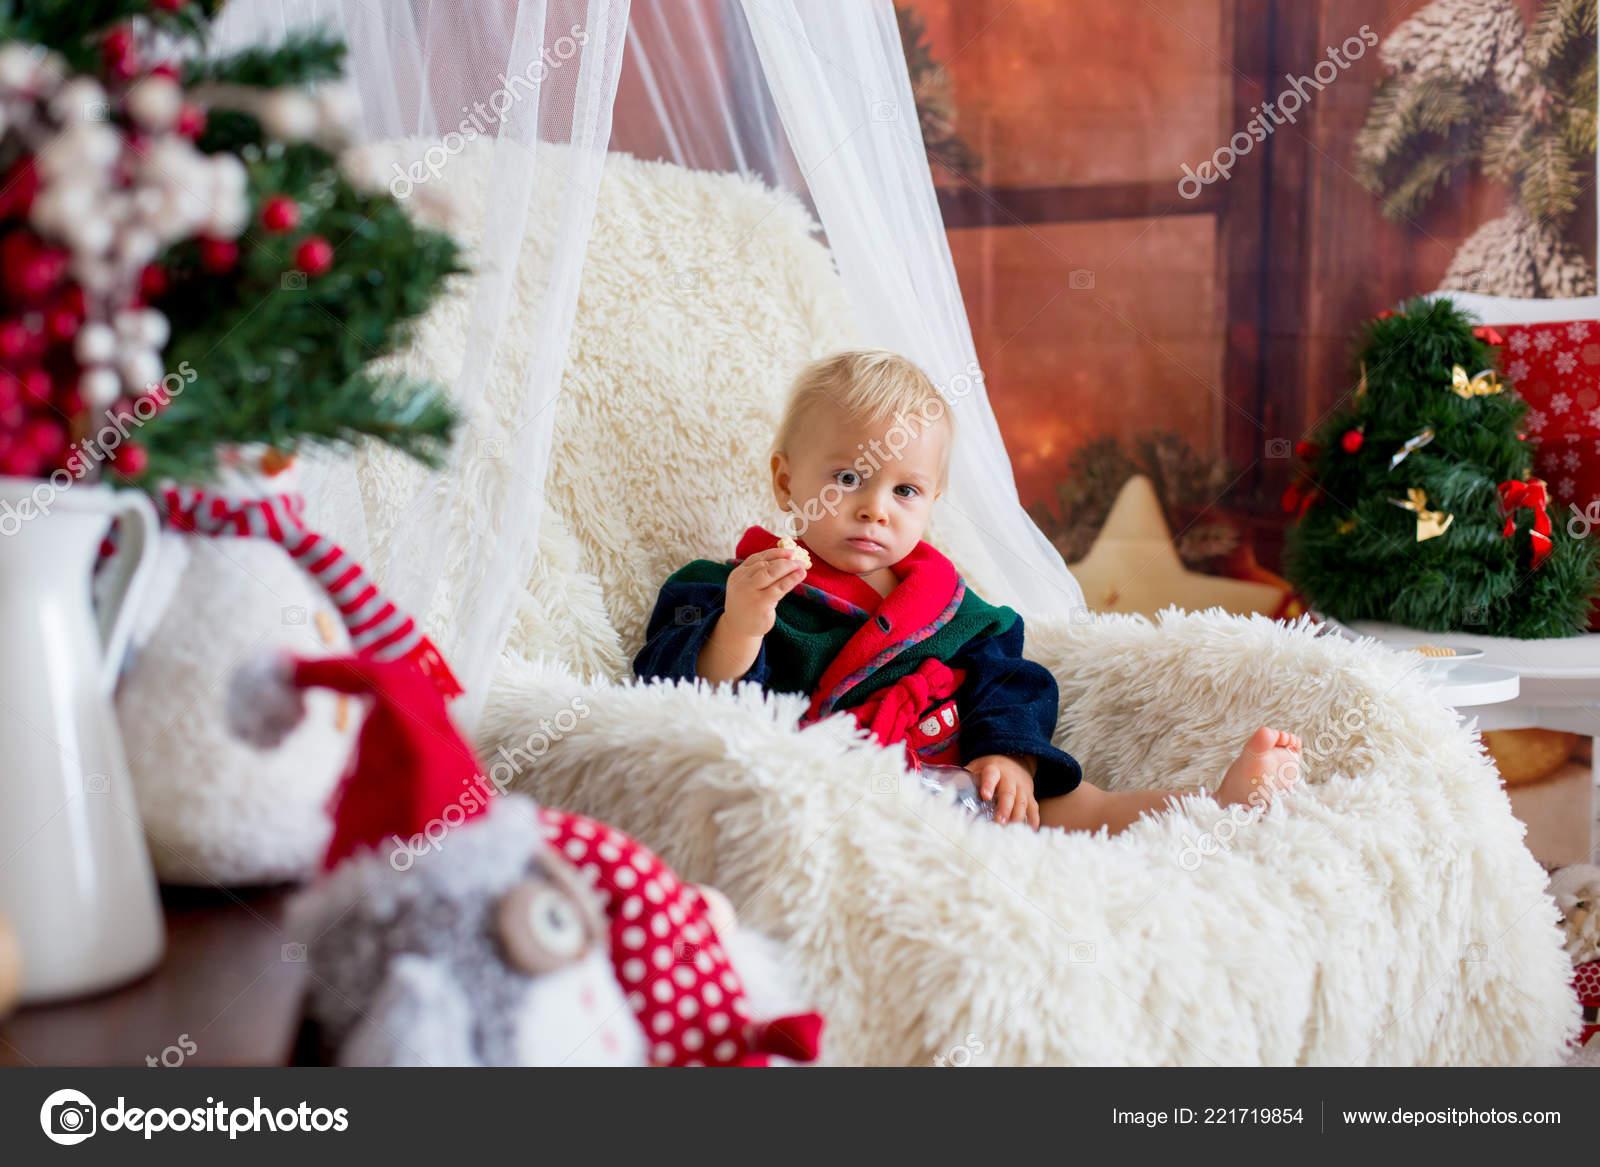 05fb814ee8 Kisfiú Aranyos Gyermek Rajta Mikulás Ruháját Hintaszék Karácsonyfa Fények  ...